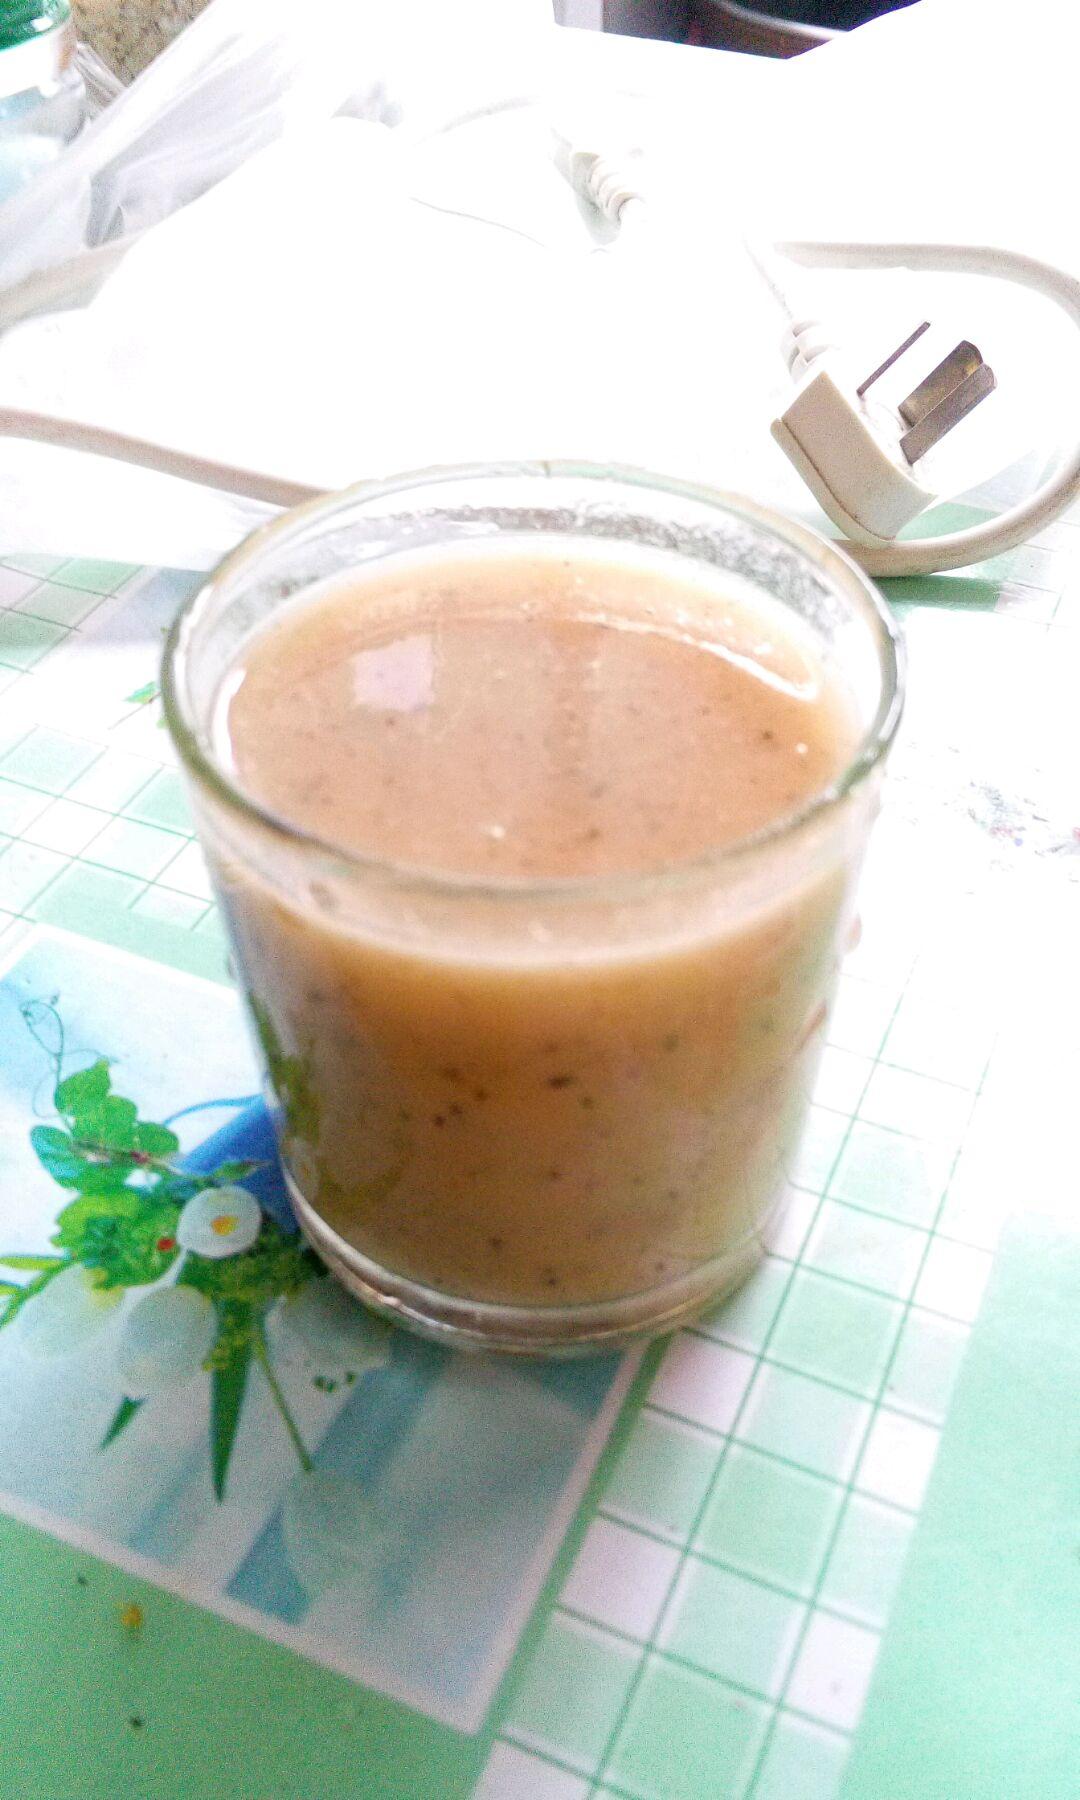 西瓜适量 芒果1个 火龙果1个 酸牛奶1盒 芒果西瓜火龙果汁的做法步骤